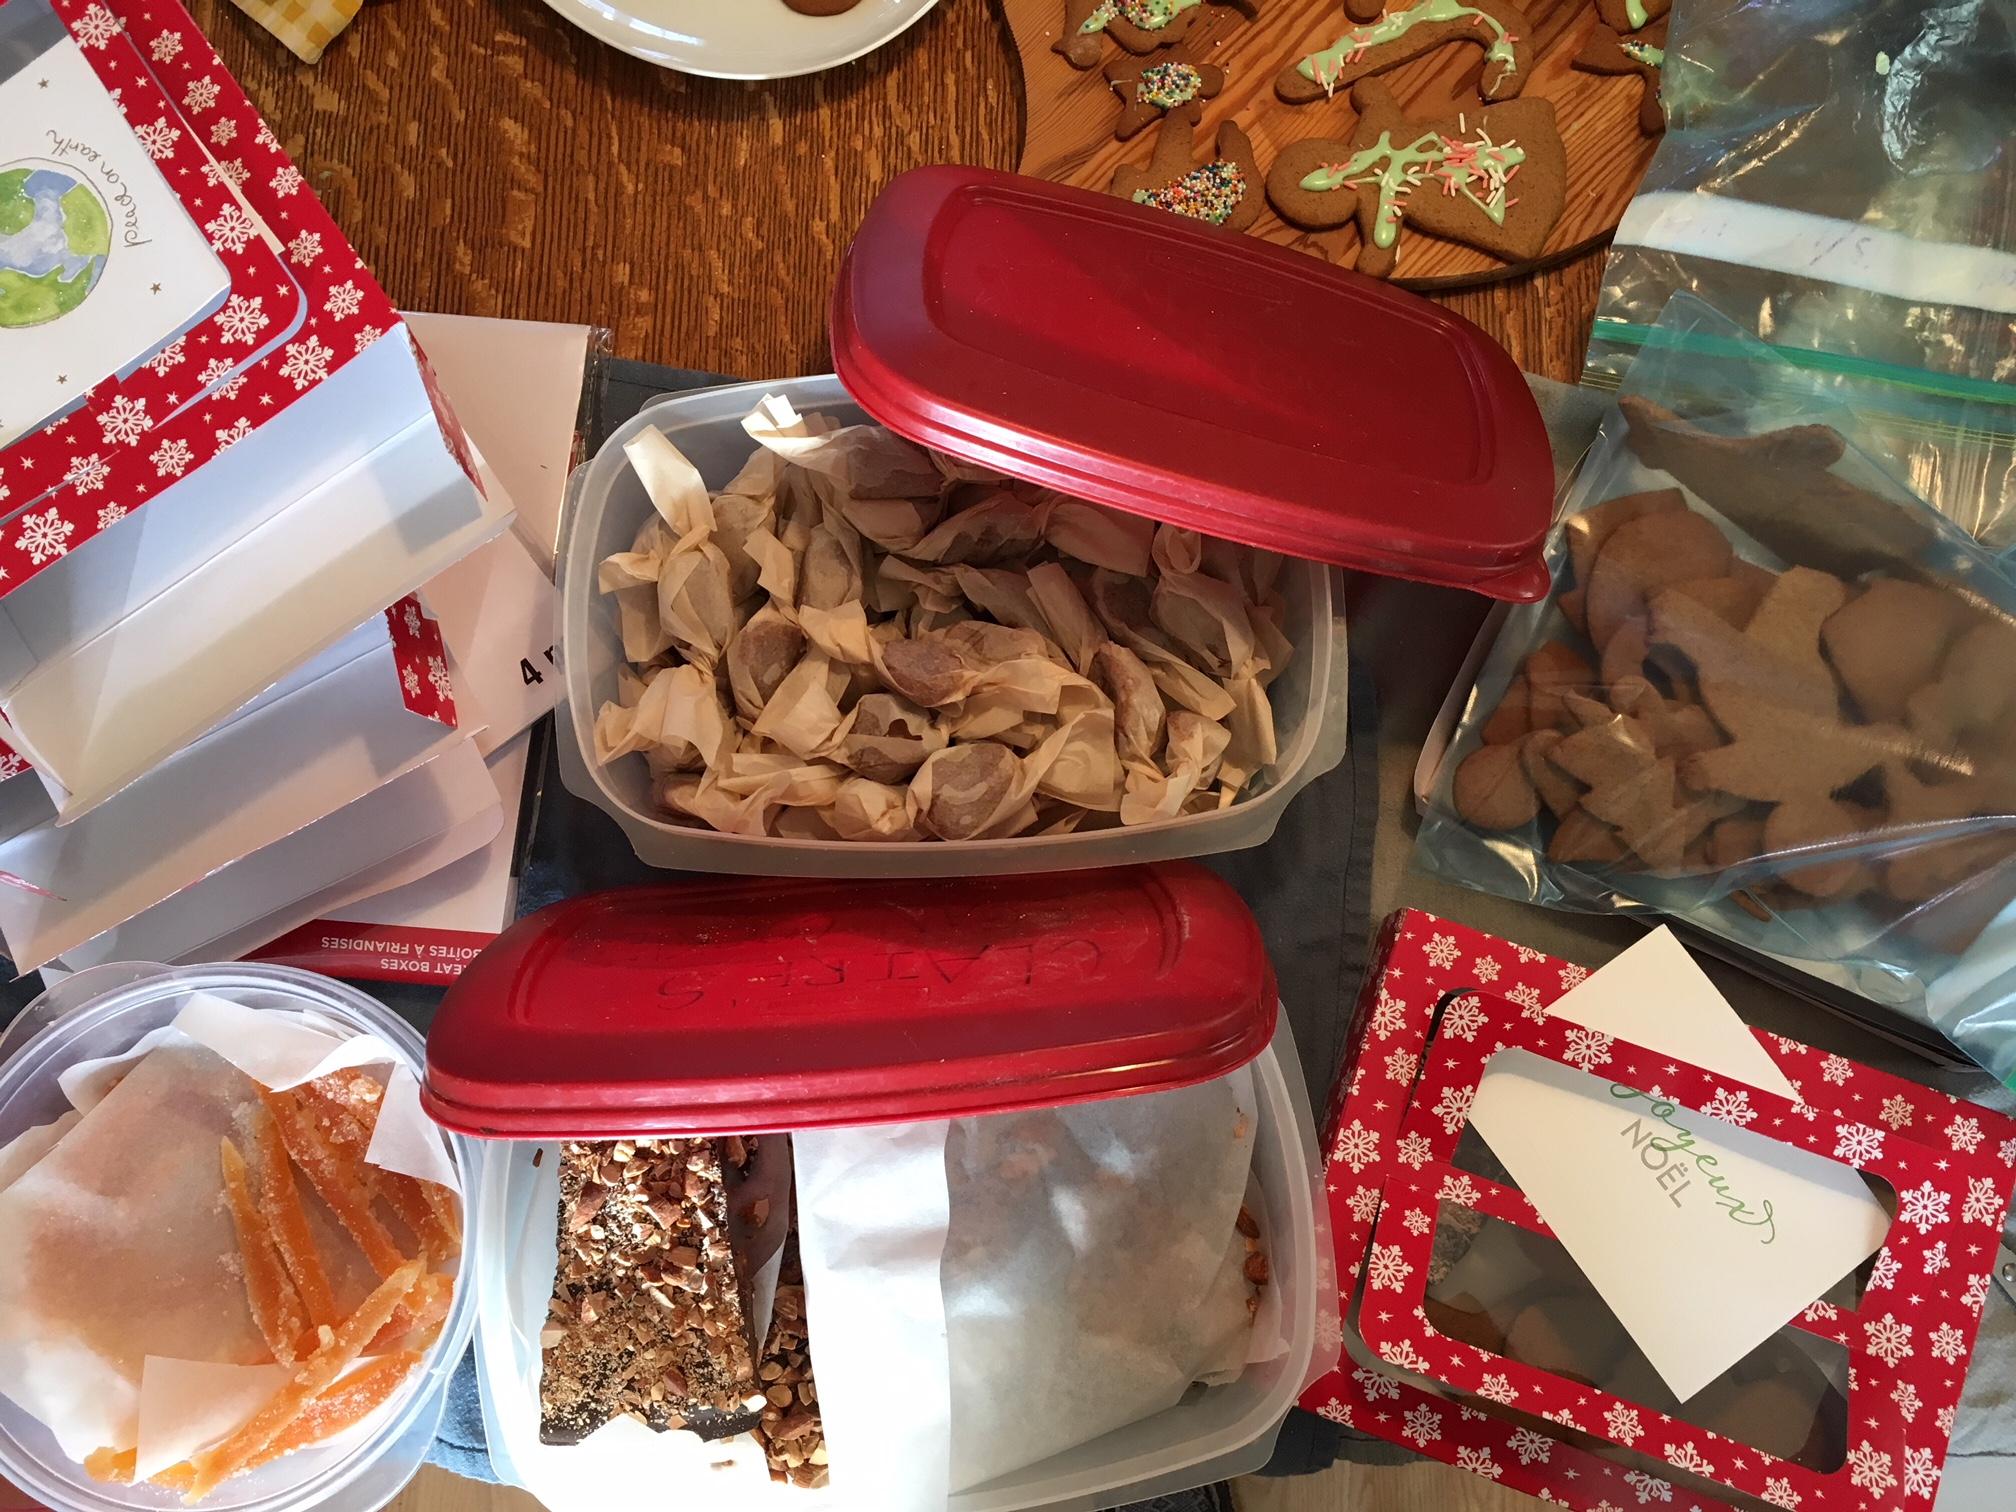 Gifts aplenty